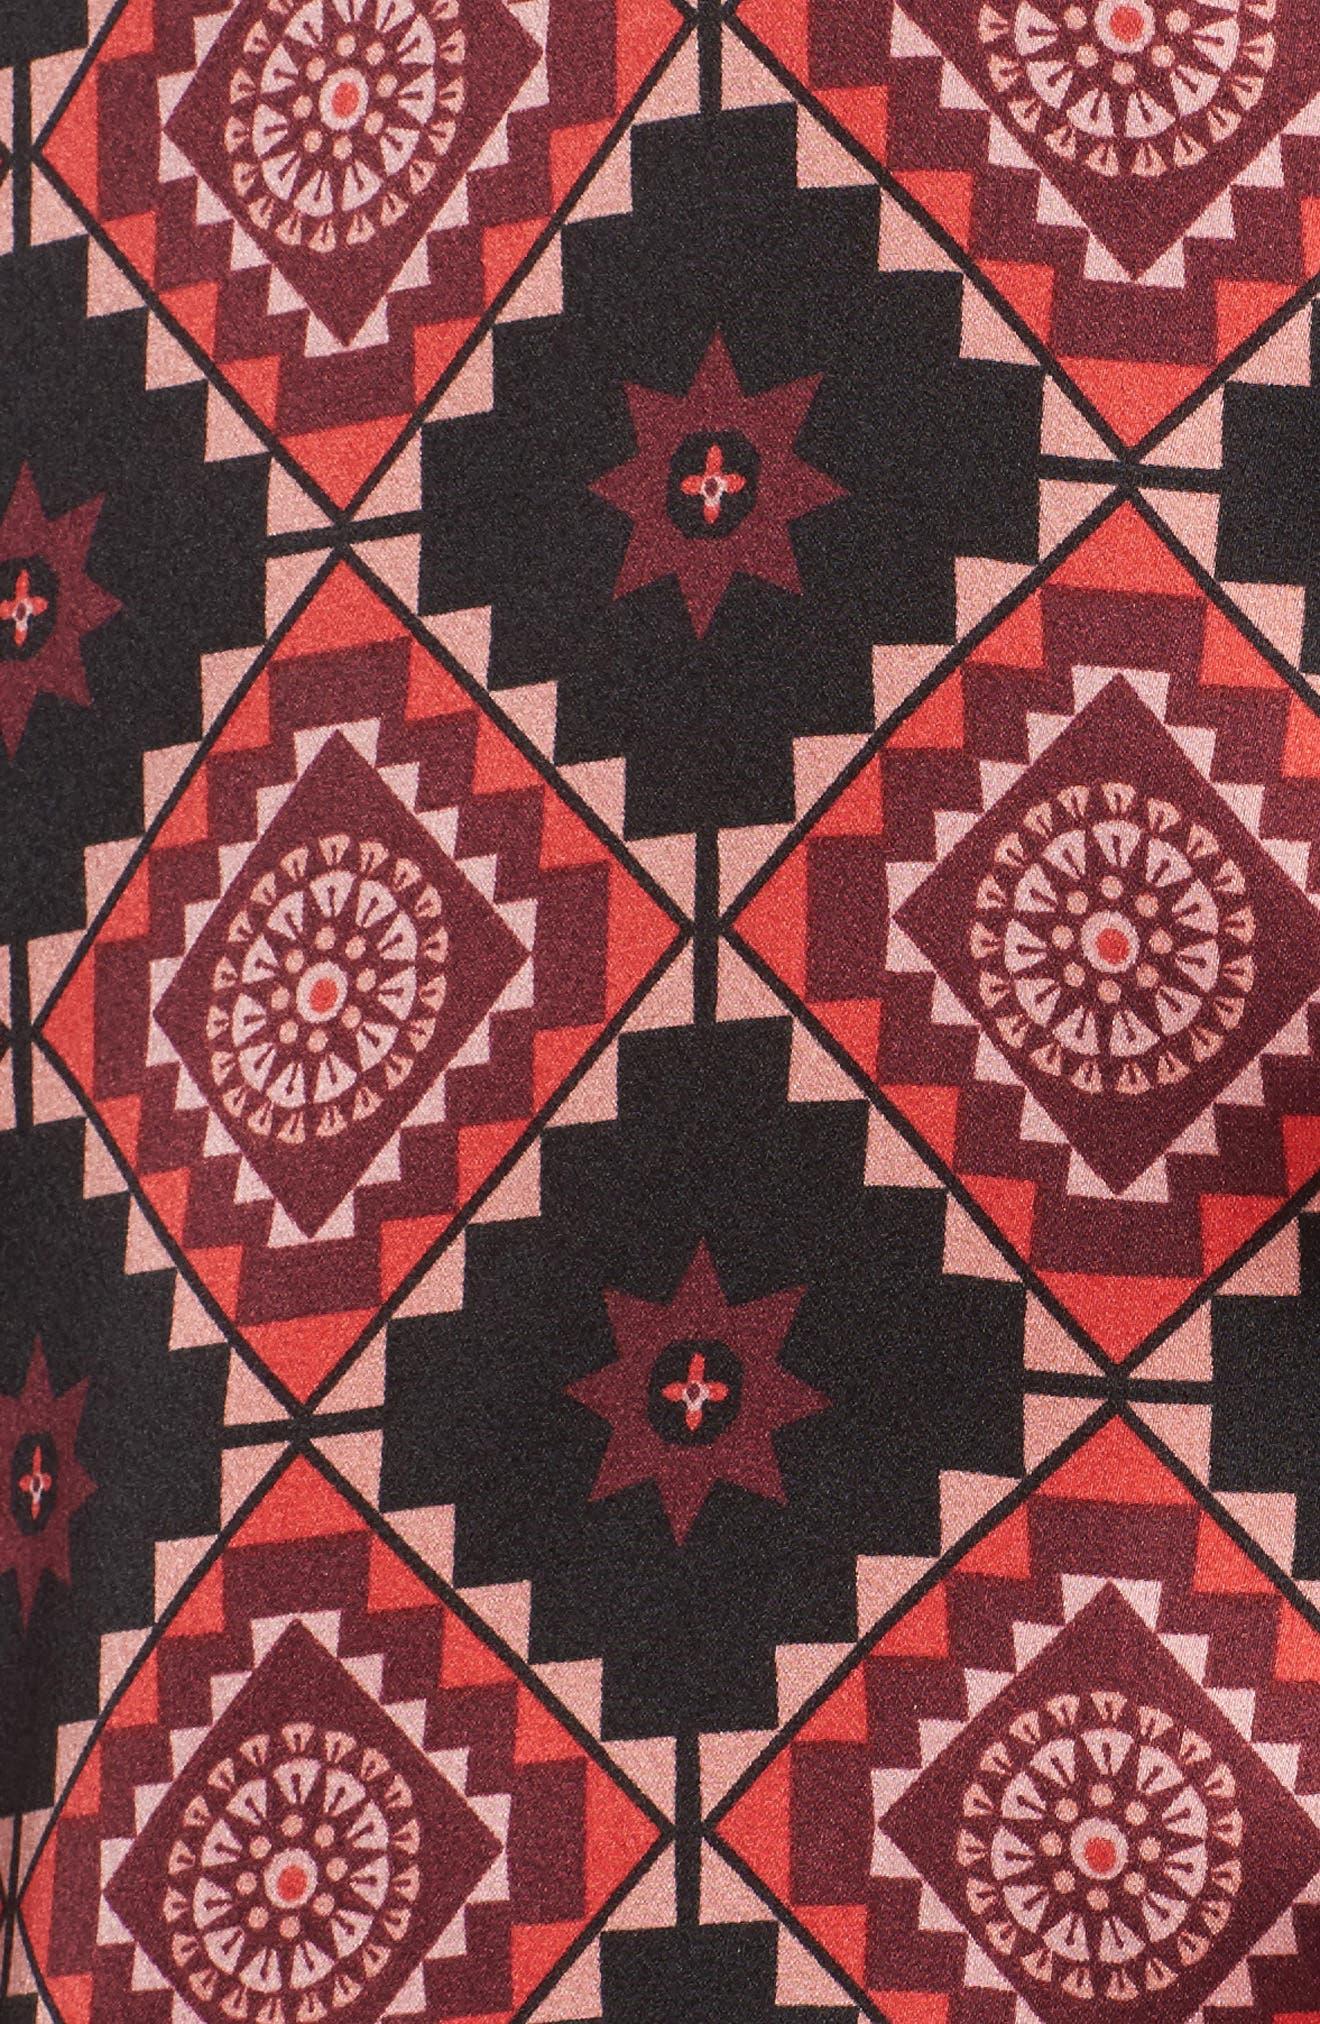 Short Pajamas & Eye Mask Set,                             Alternate thumbnail 5, color,                             Large Windsor Wine Aztec